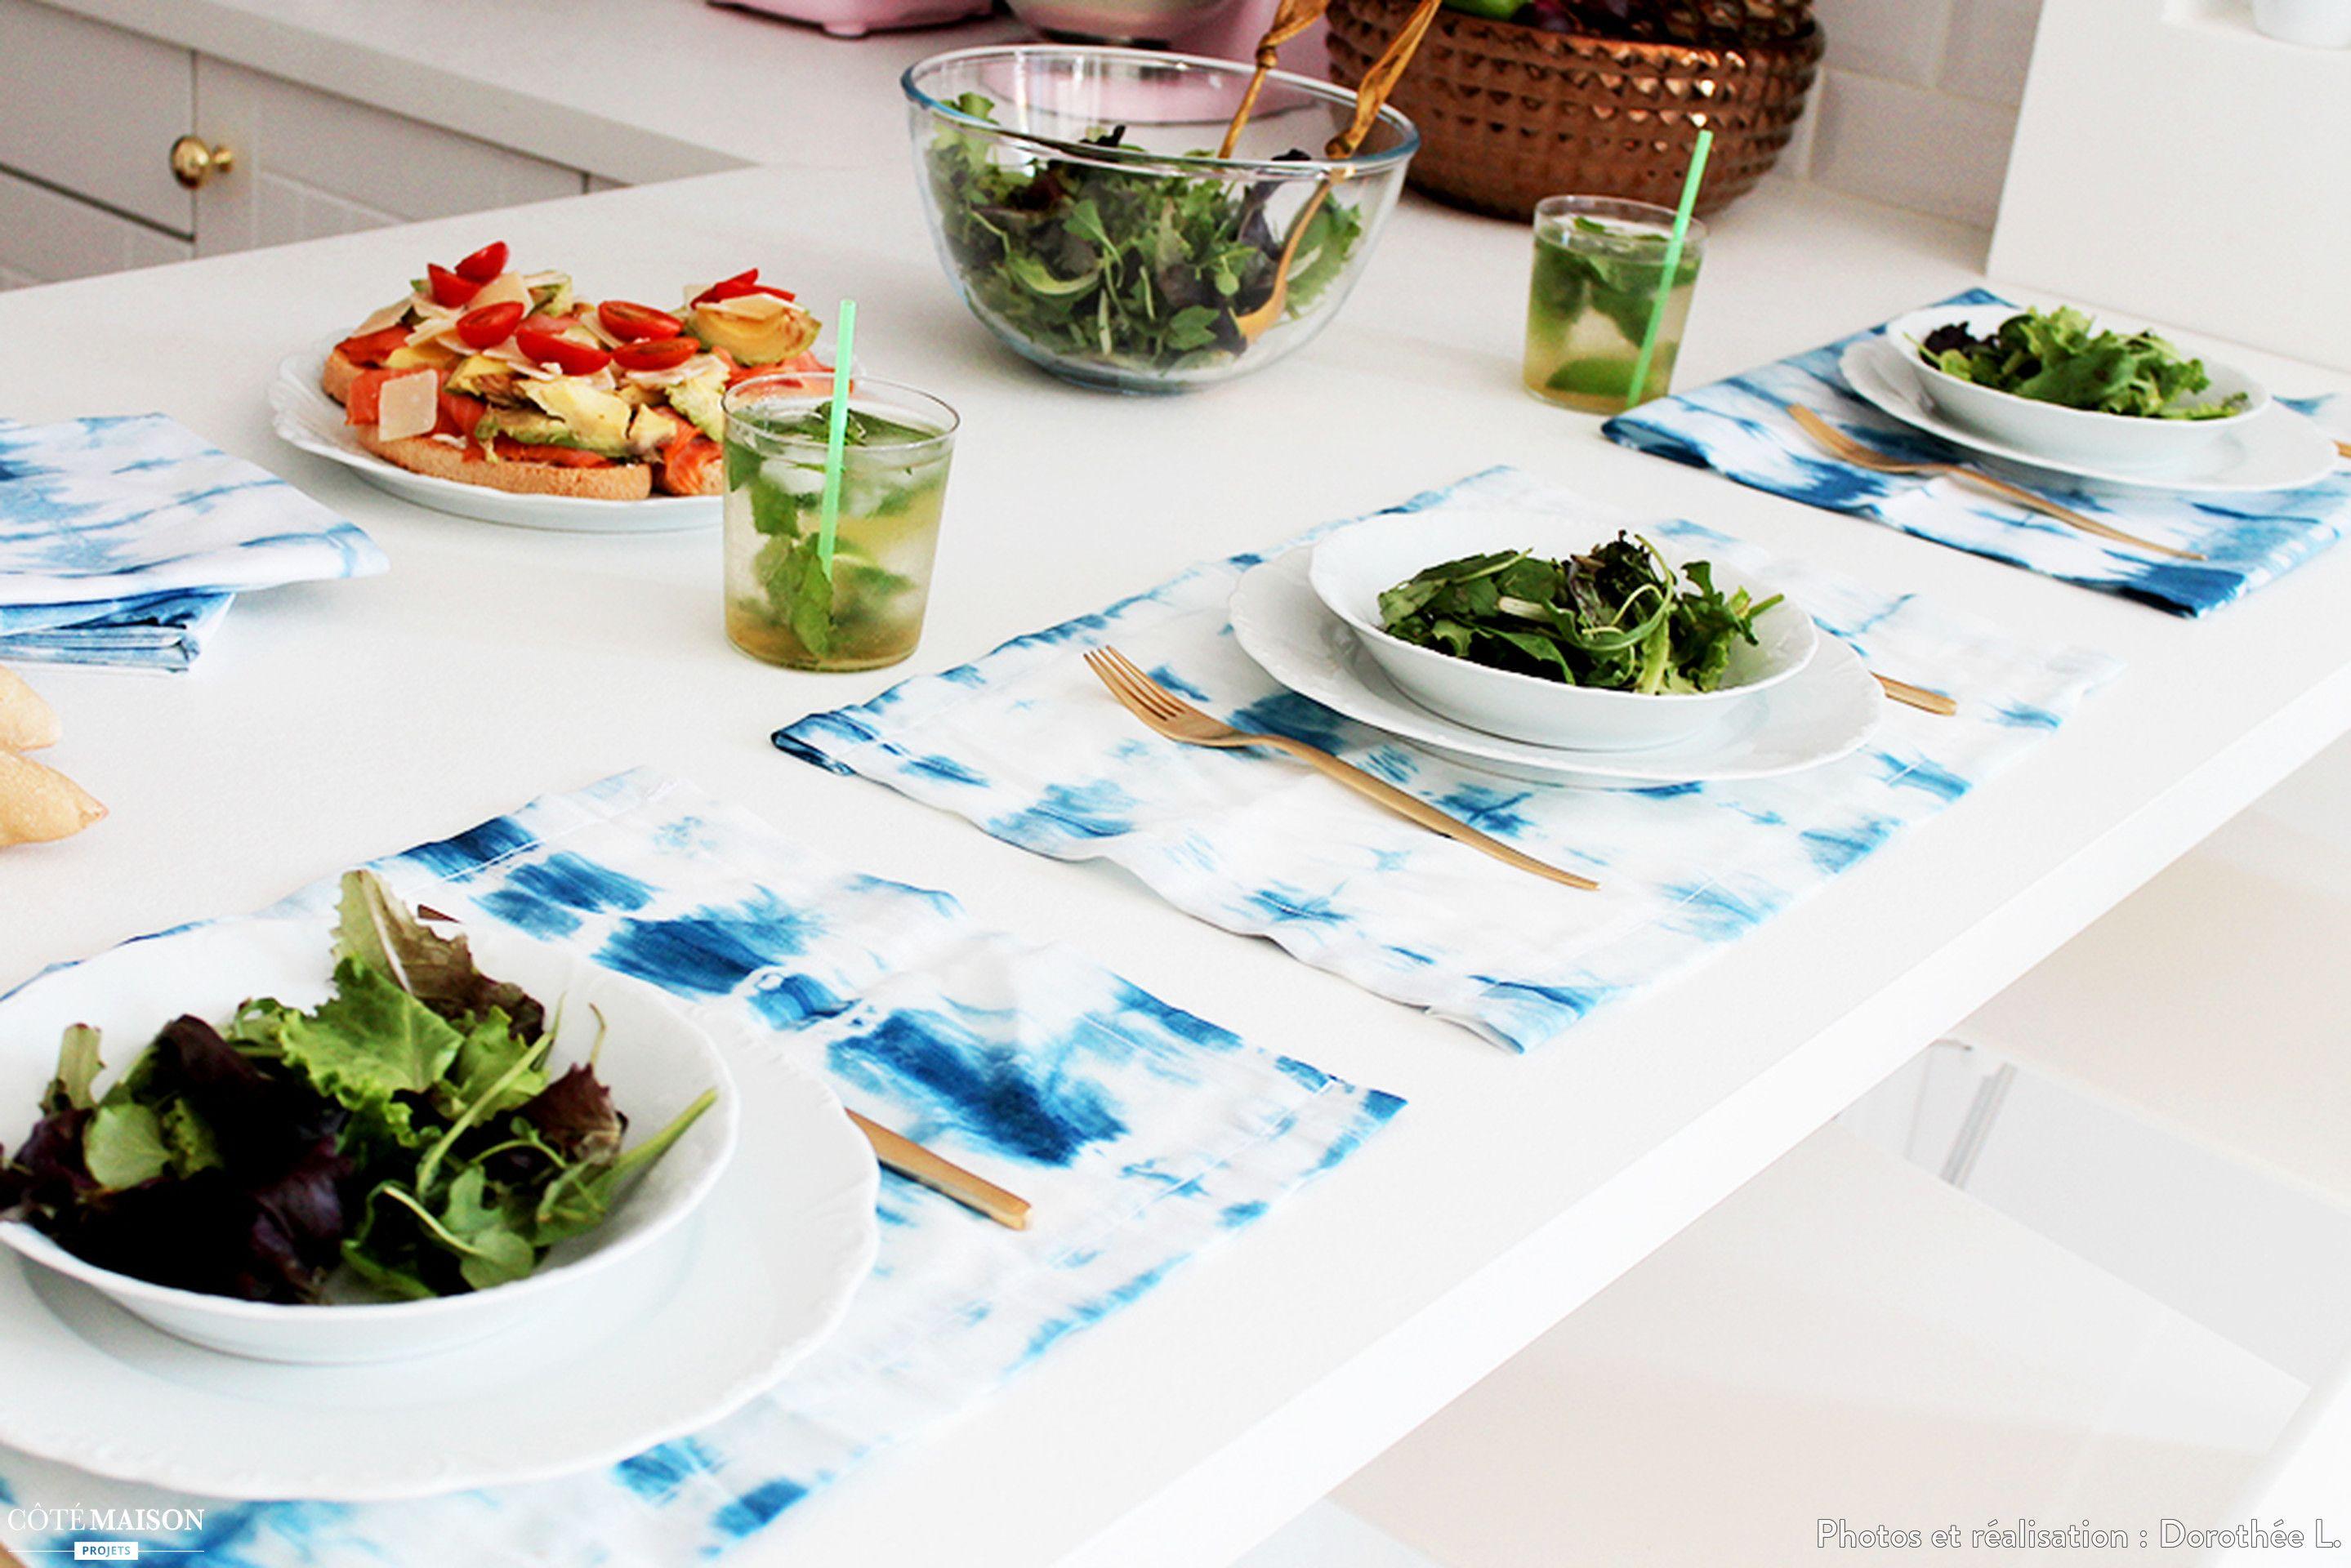 Les sets de tables bleus et blancs r veillent la table - Cuisine blanche ouverte sur salon ...